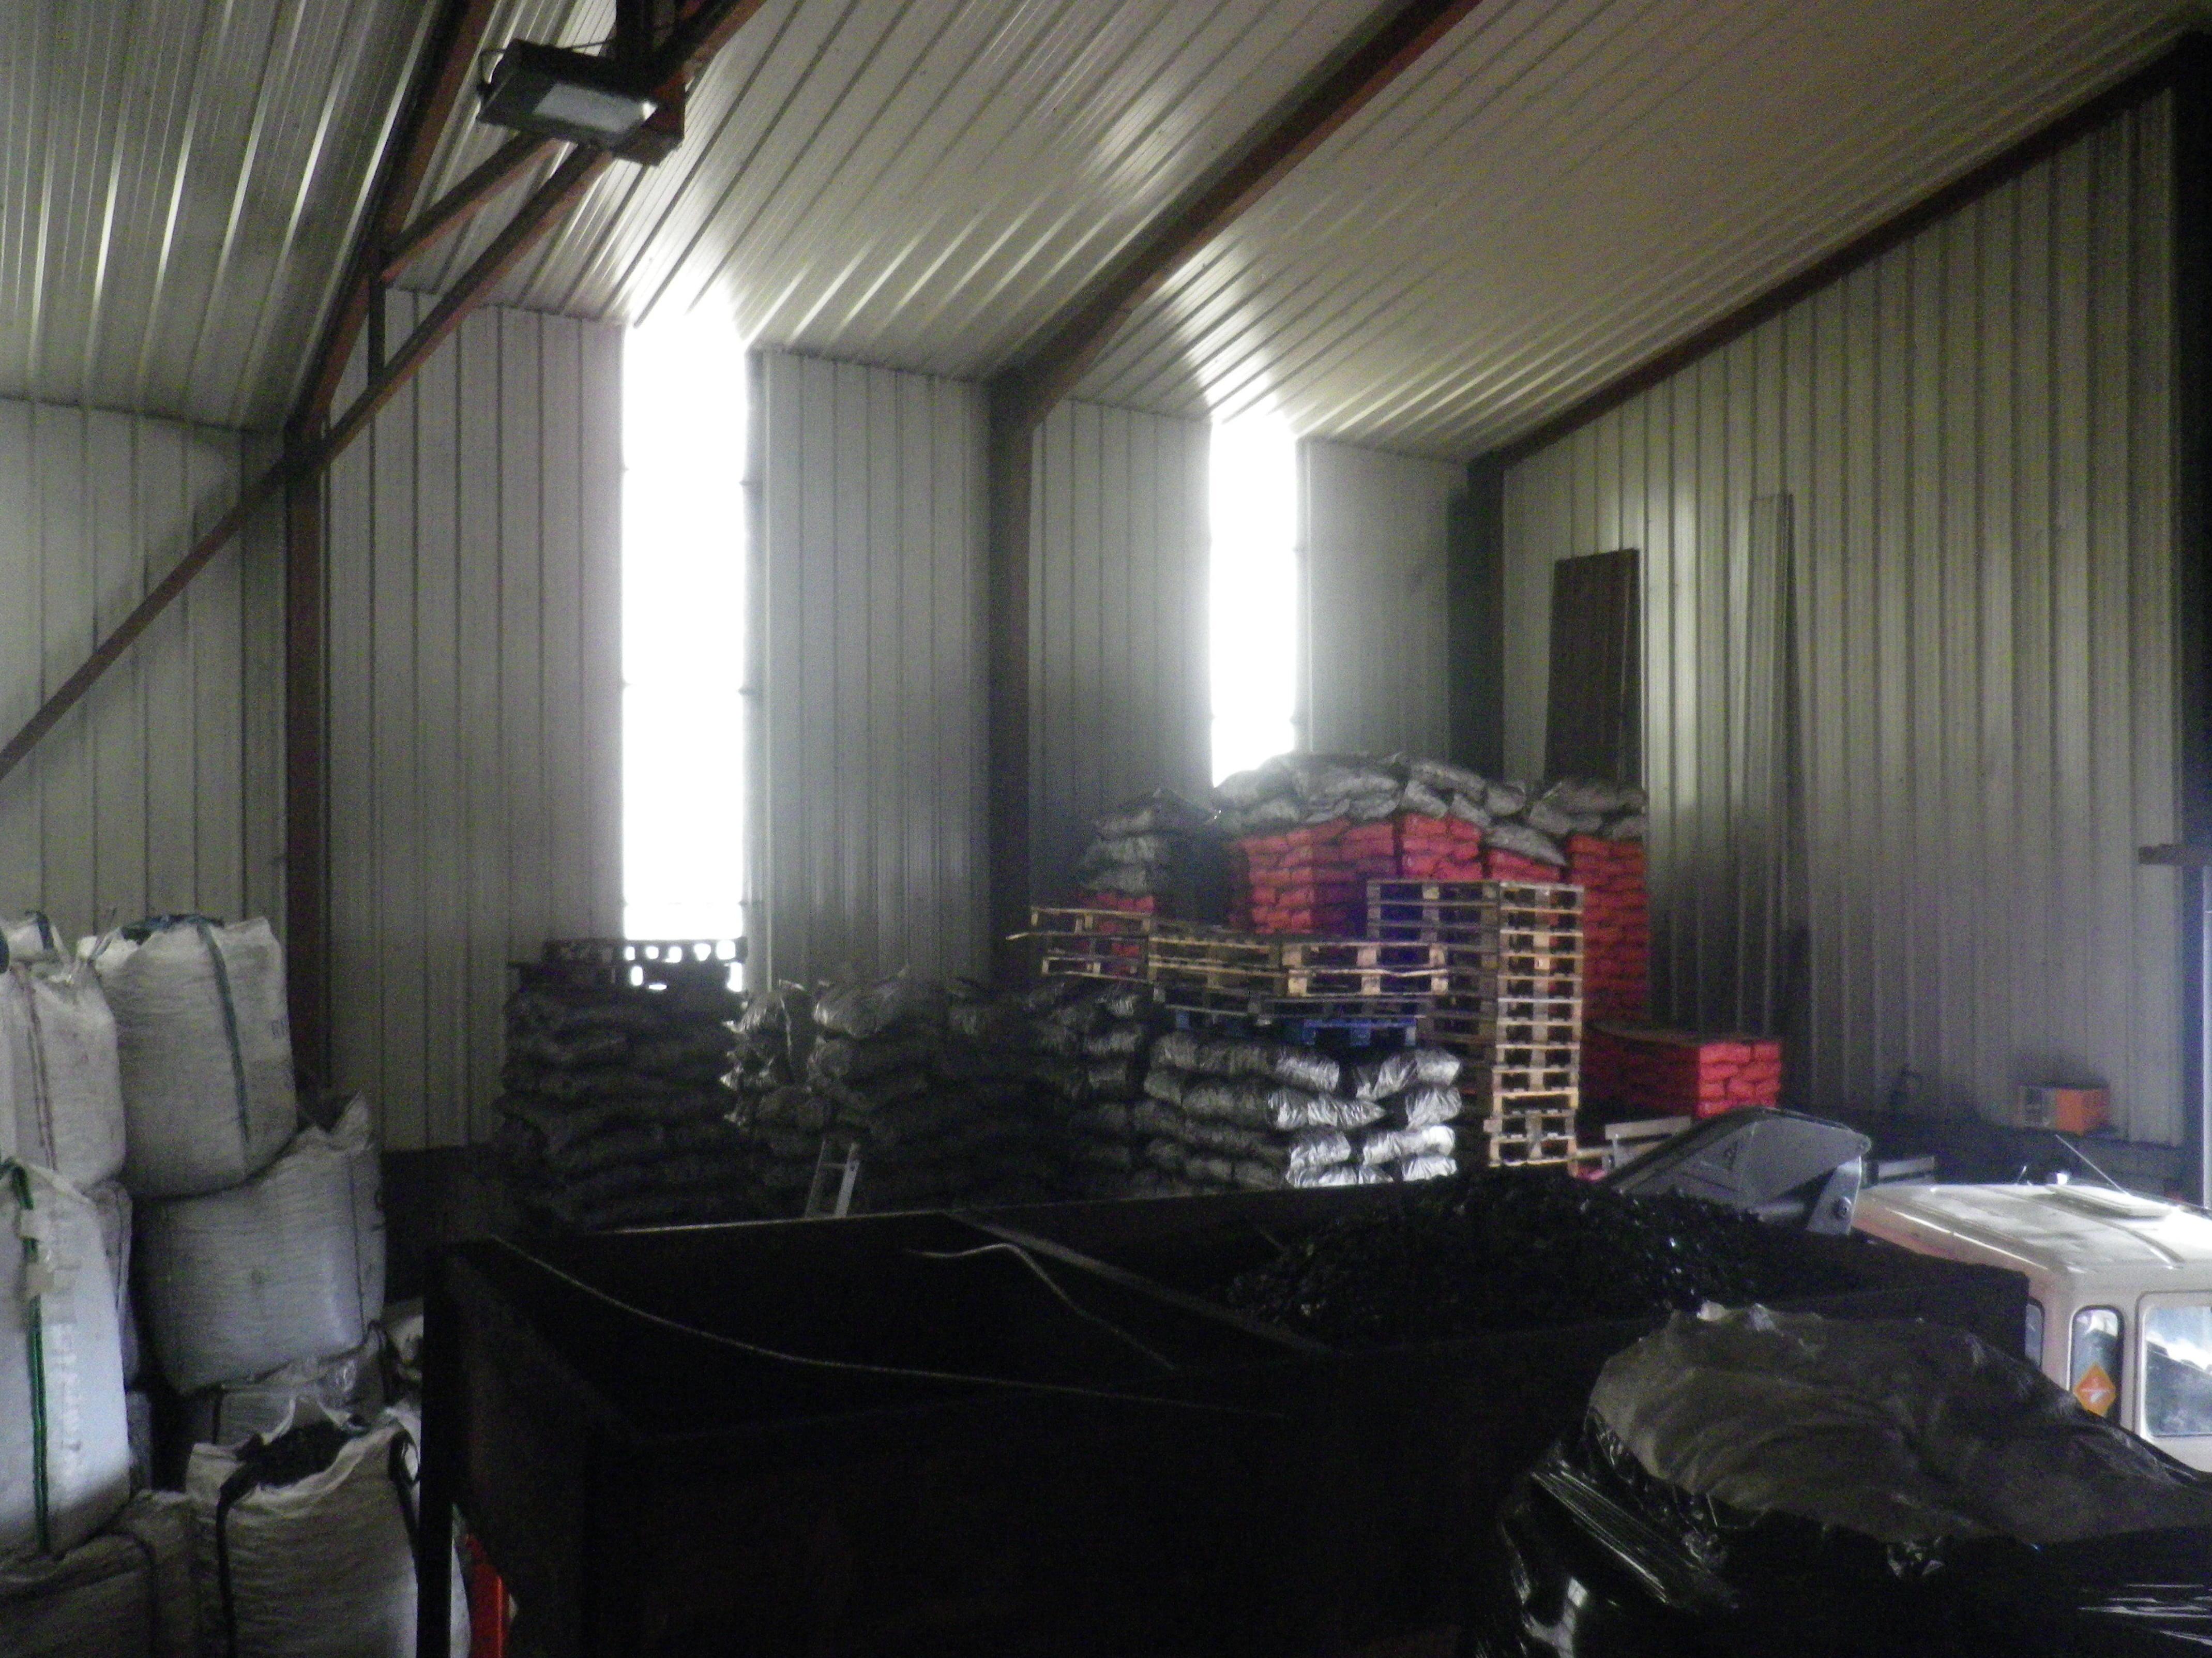 Carbones y Transportes Mencia, venta de todo tipo de carbón en Cantabria